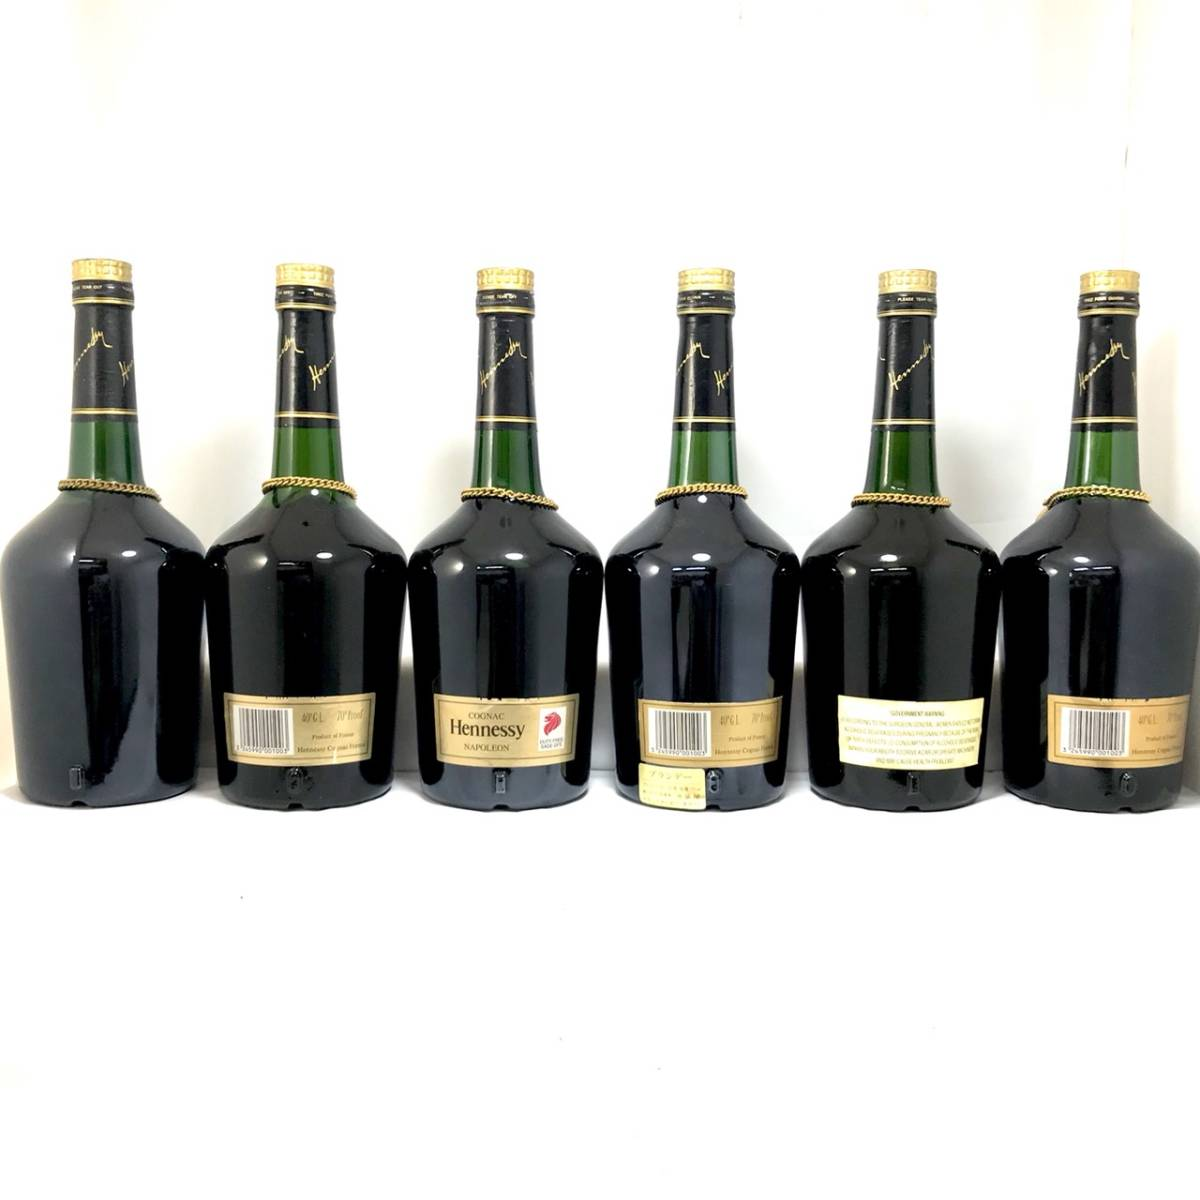 古酒 - Hennessy NAPOLEON BRASD'OR/ヘネシー ナポレオン ブラスドール 16本セット 700ml 40% ブランデー コニャック 未開栓_画像9